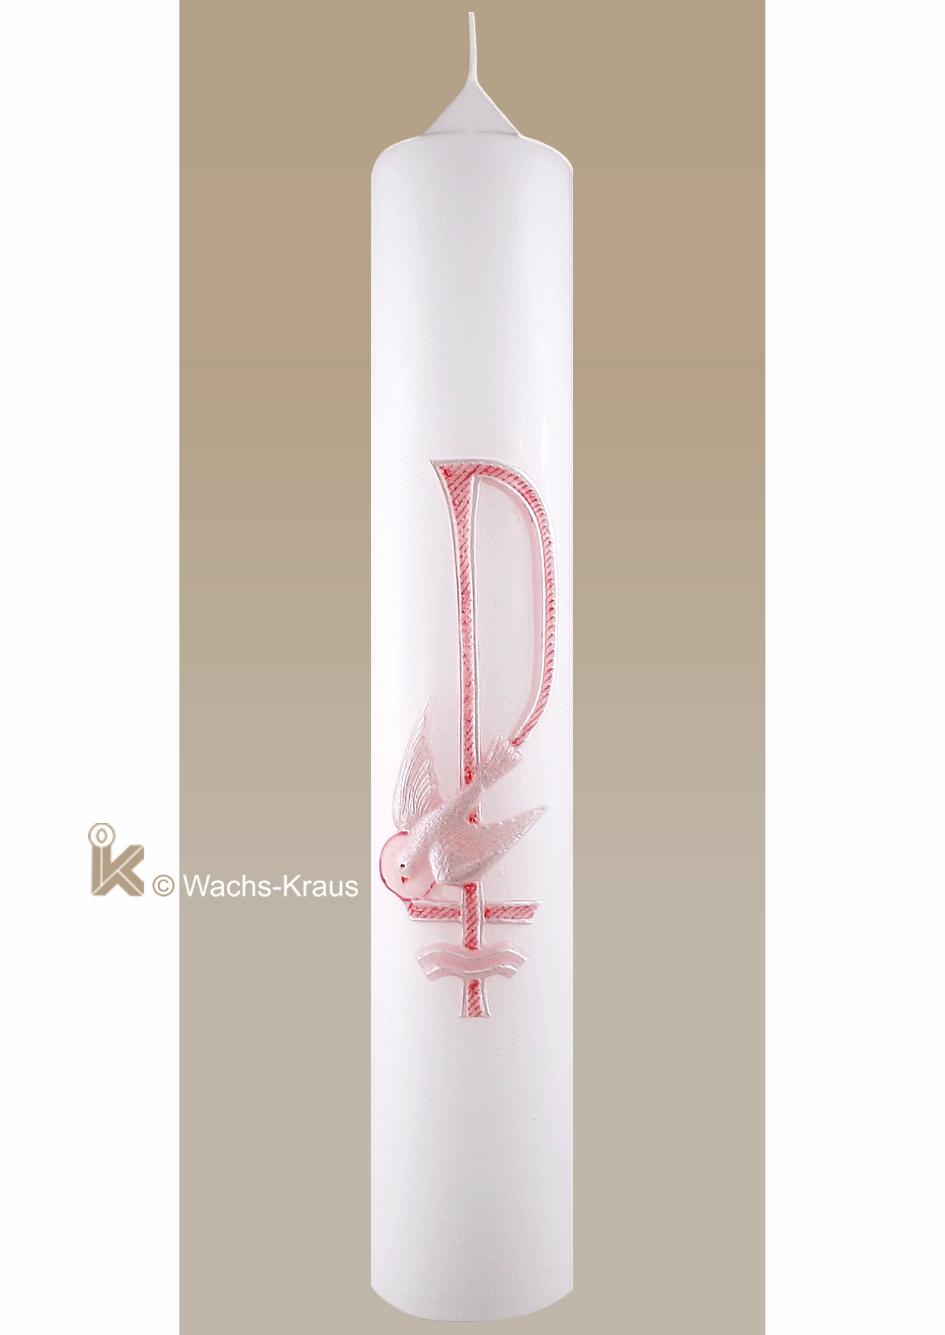 Taufkerze katholisch mit dem Christus-Monogramm PAX, rosa